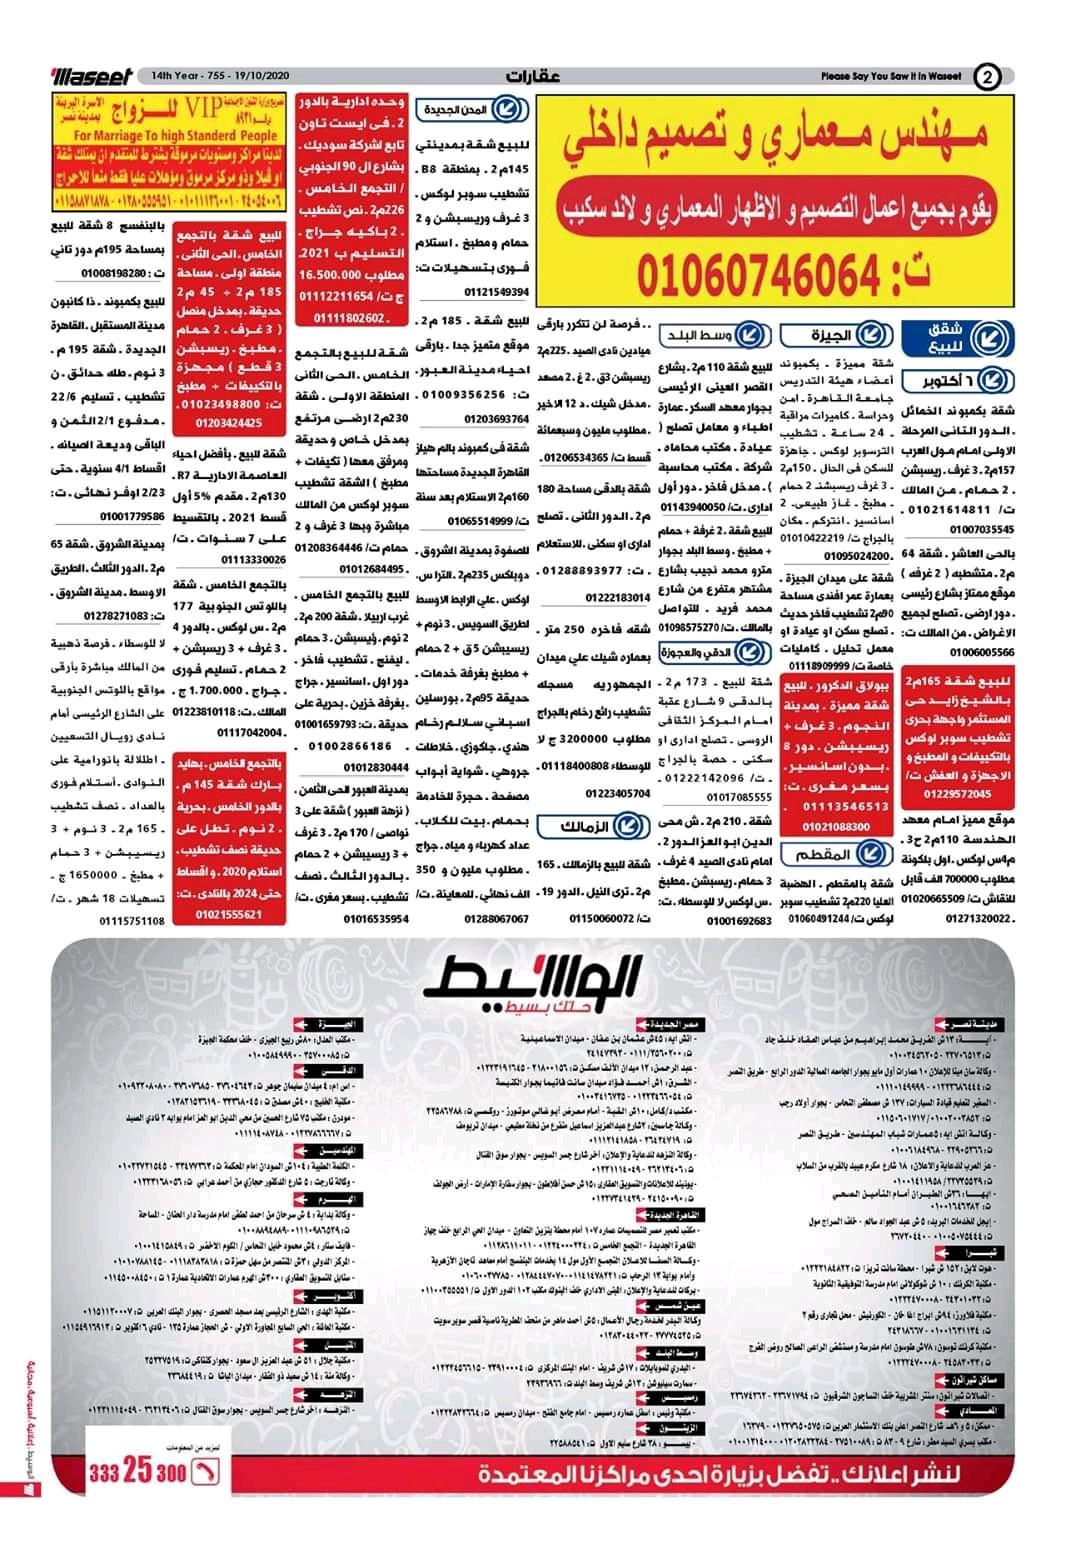 وظائف الوسيط و اعلانات مصر الاثنين 19 اكتوبر 2020 وسيط الاثنين